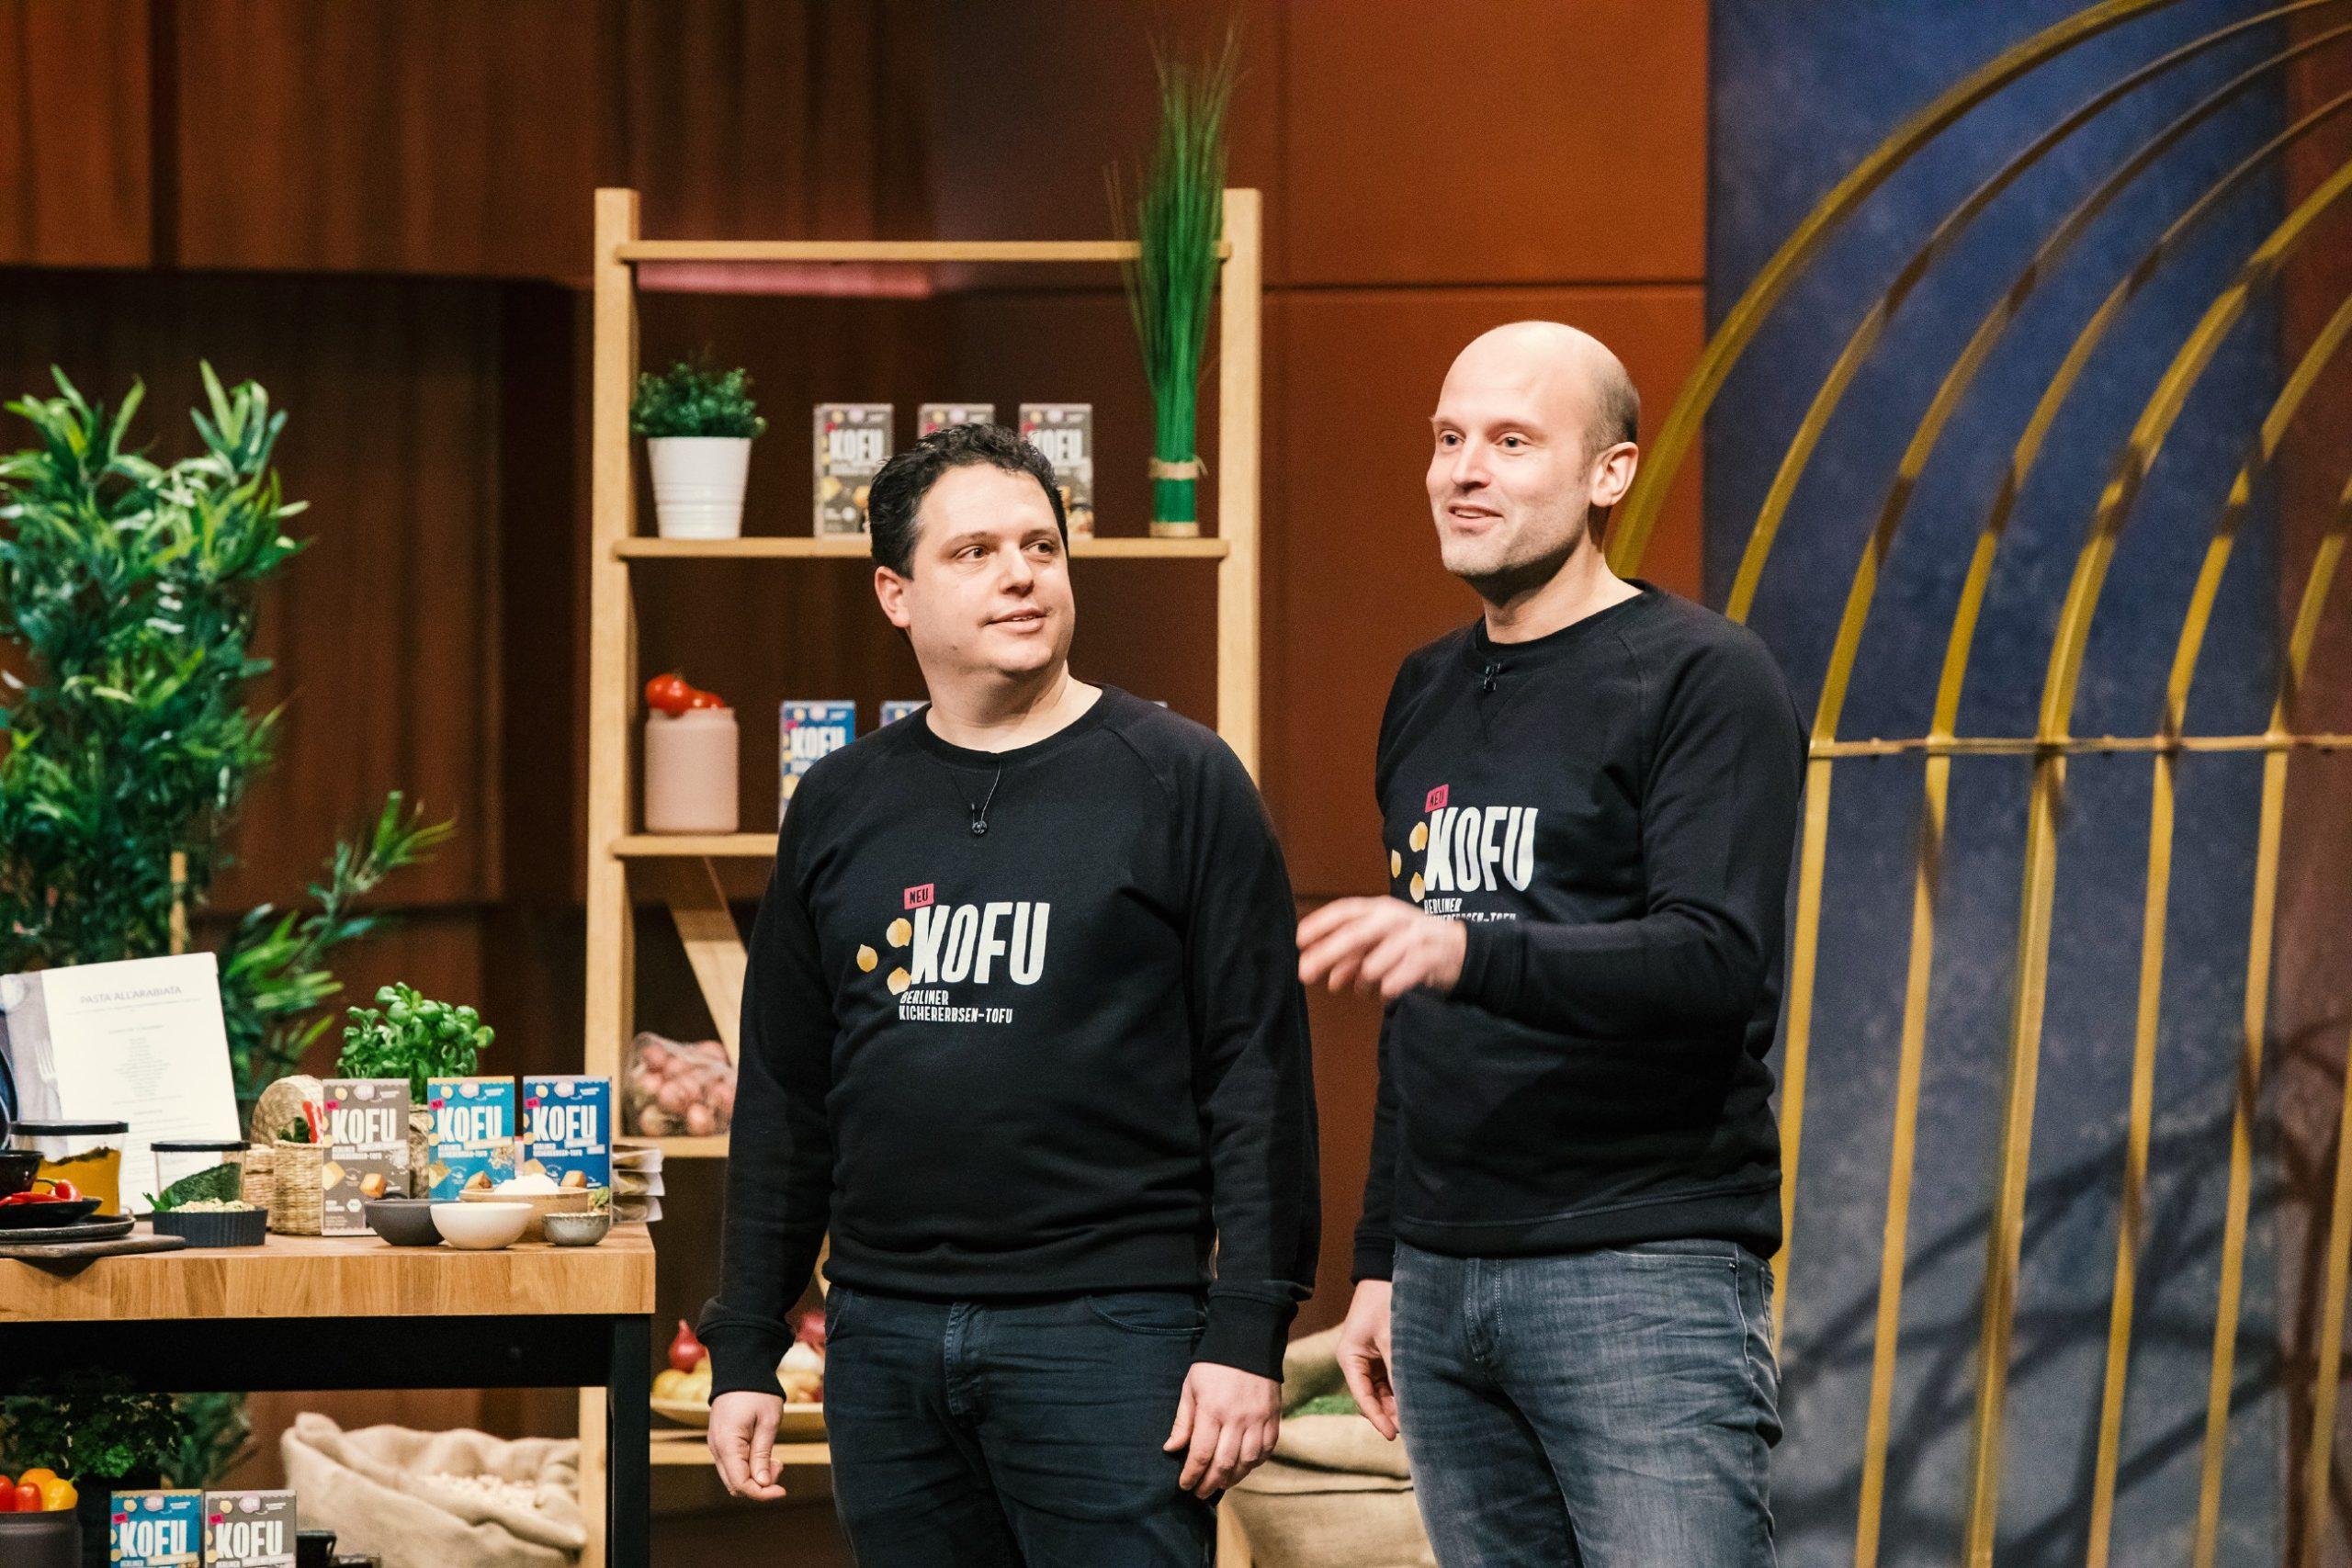 Frank Thelen, Dagmar Wöhrl, Carsten Maschmeyer, Georg Kofler, Ralf Dümmel, startup